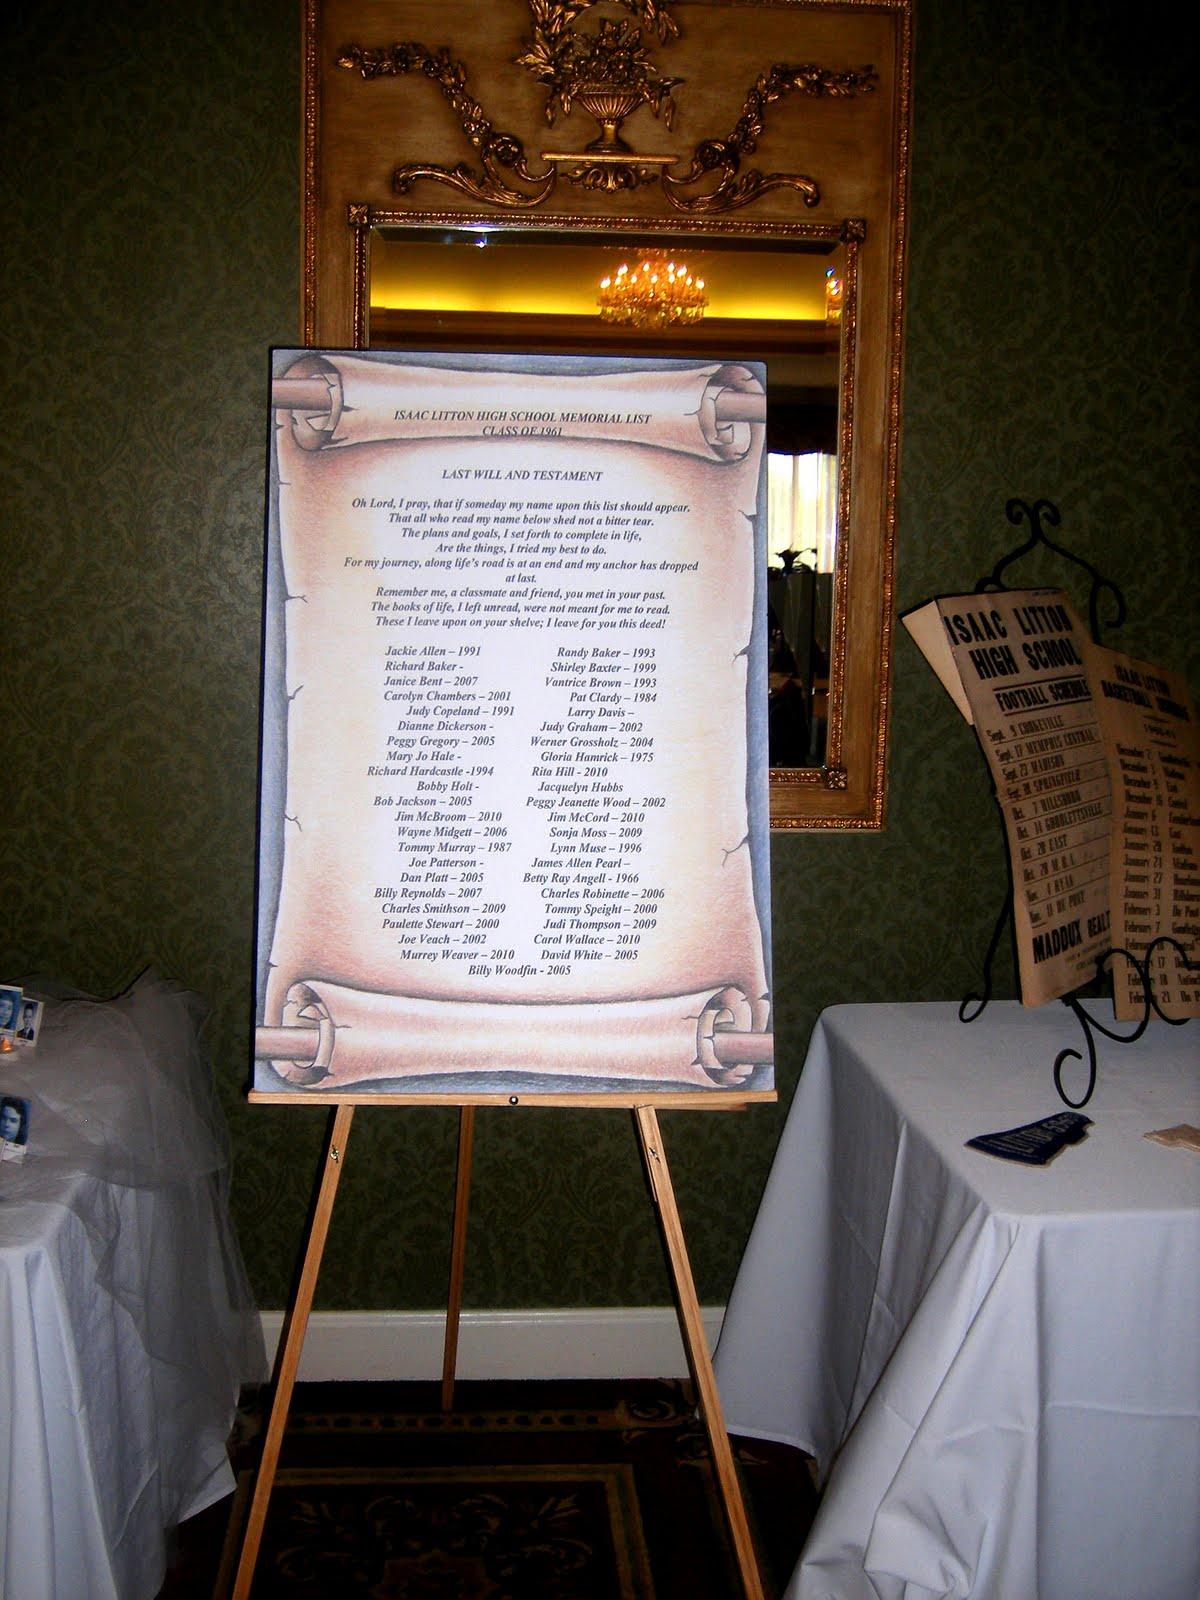 Class Reunion Memorial Table Ideas modern class reunion invitation Bluegrass Yacht Country Club Class Reunion Memorial Table Ideas